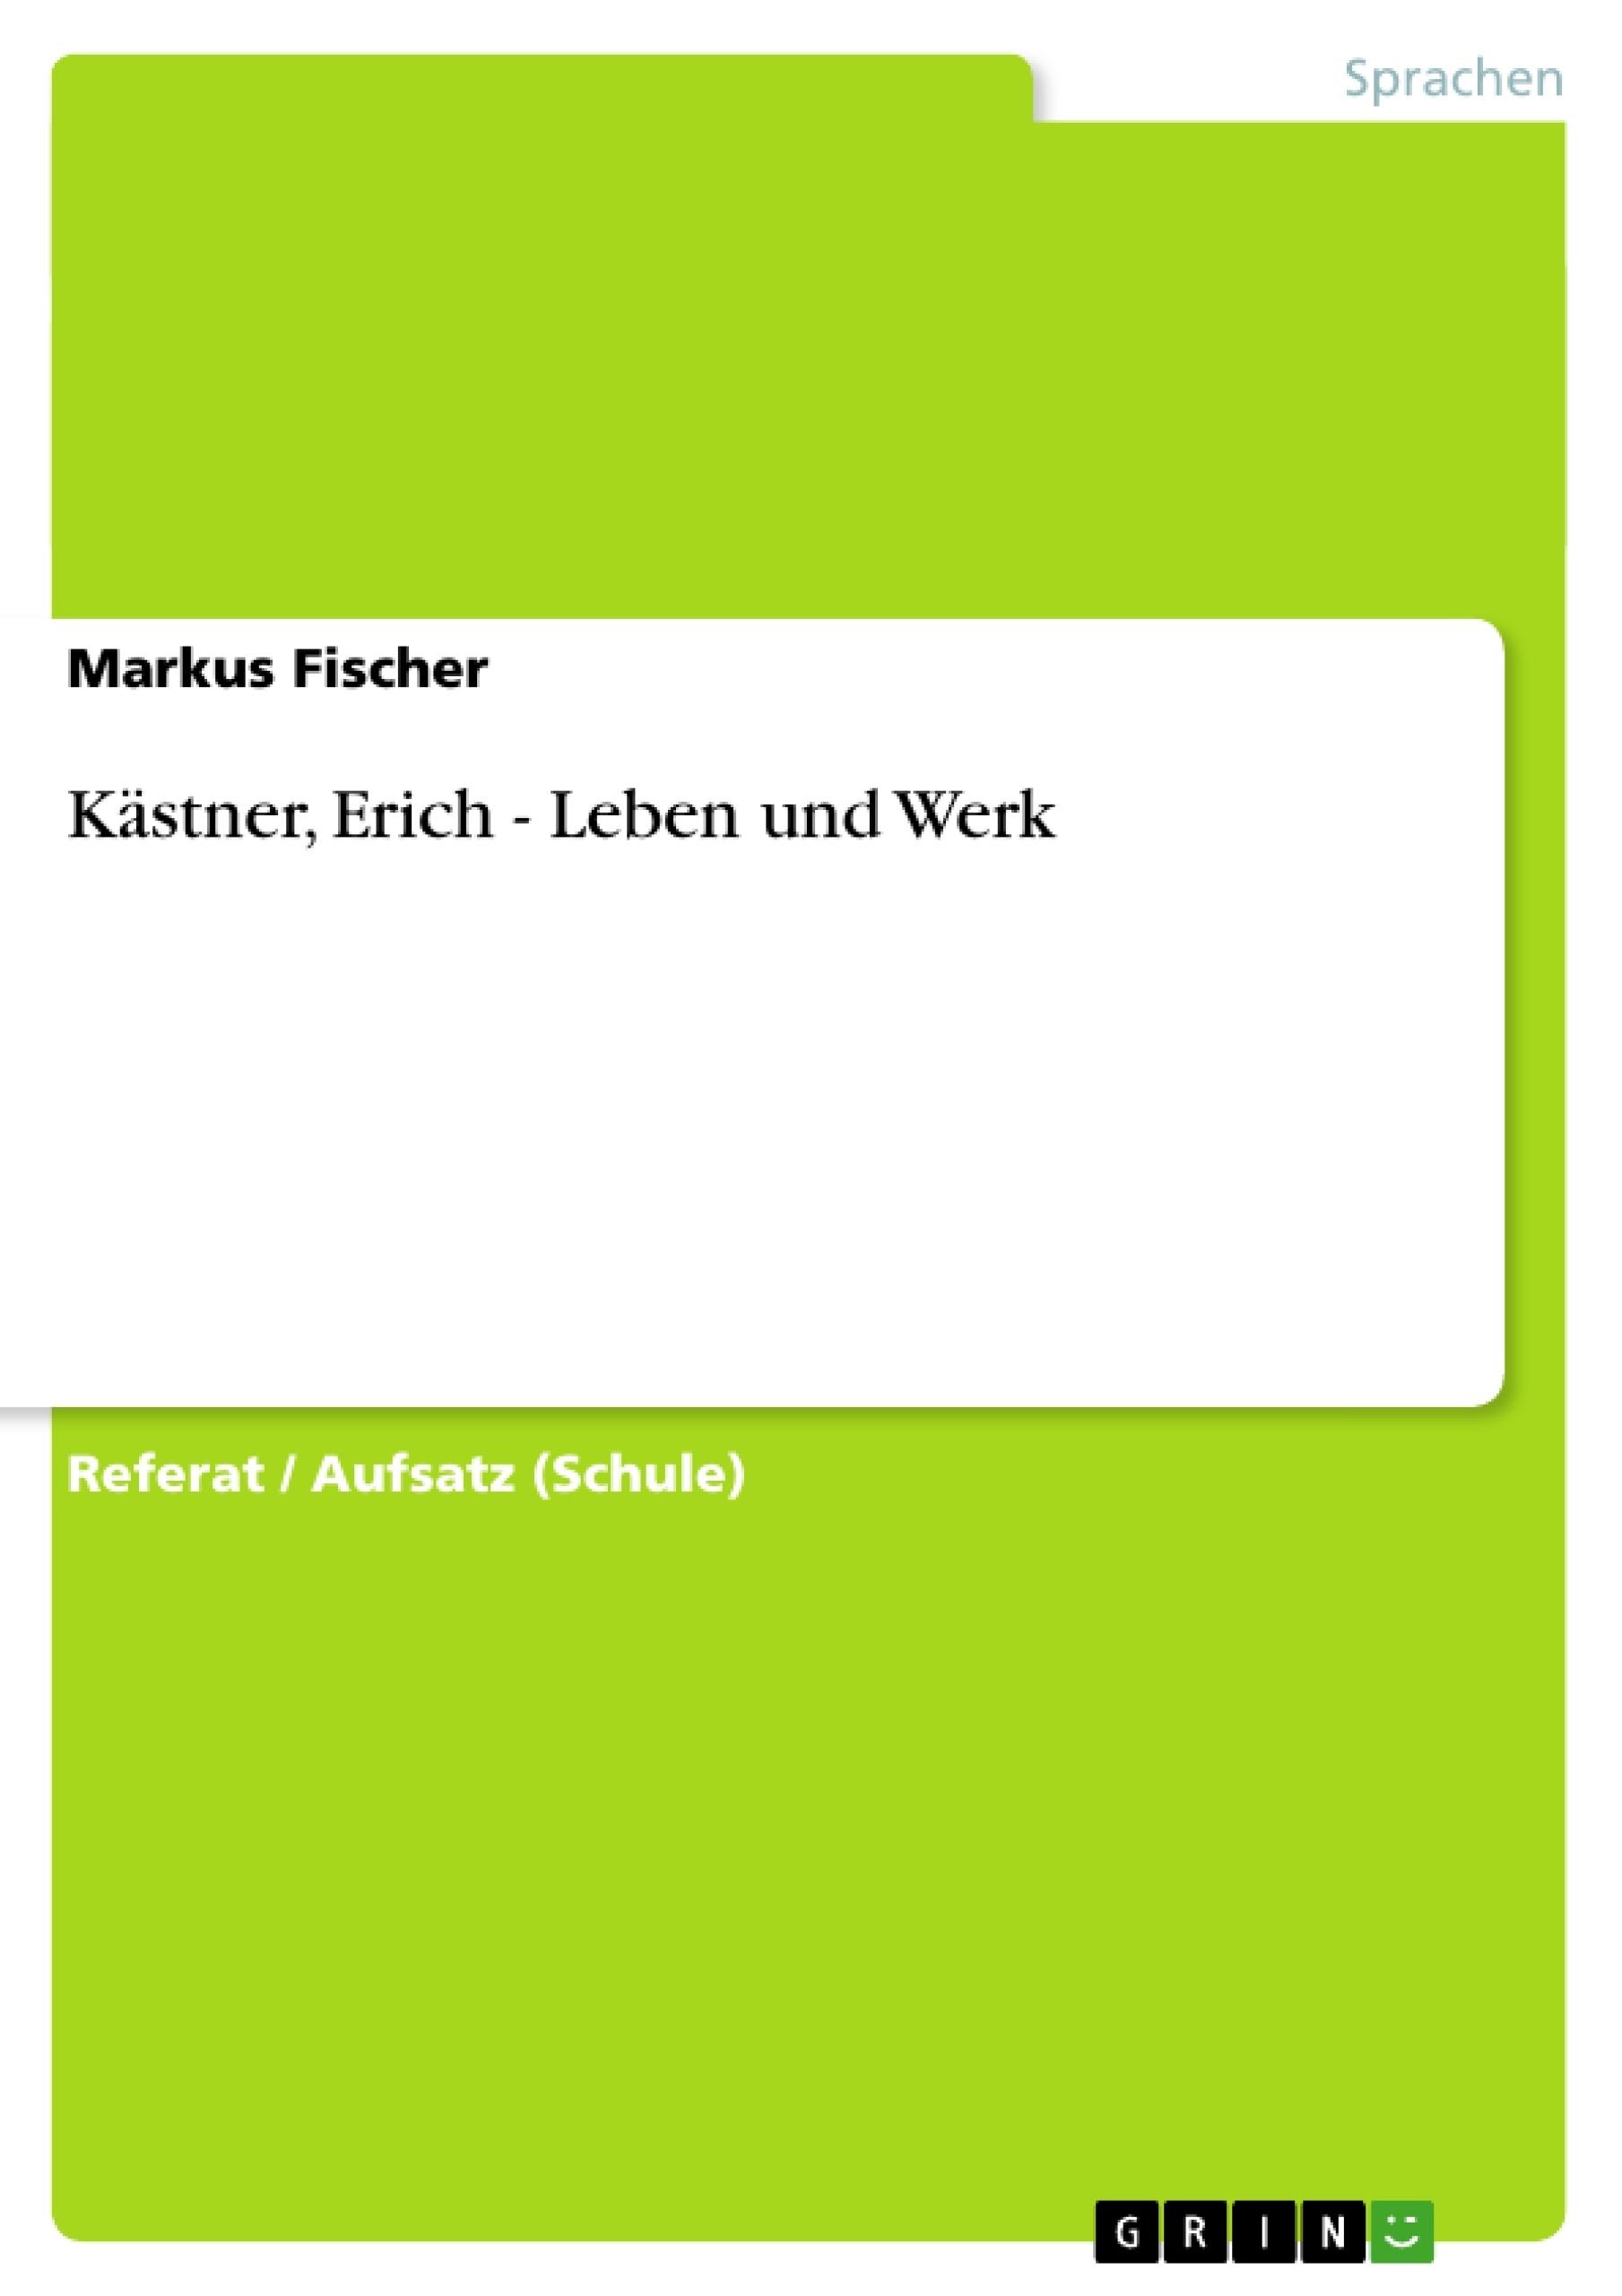 Titel: Kästner, Erich - Leben und Werk